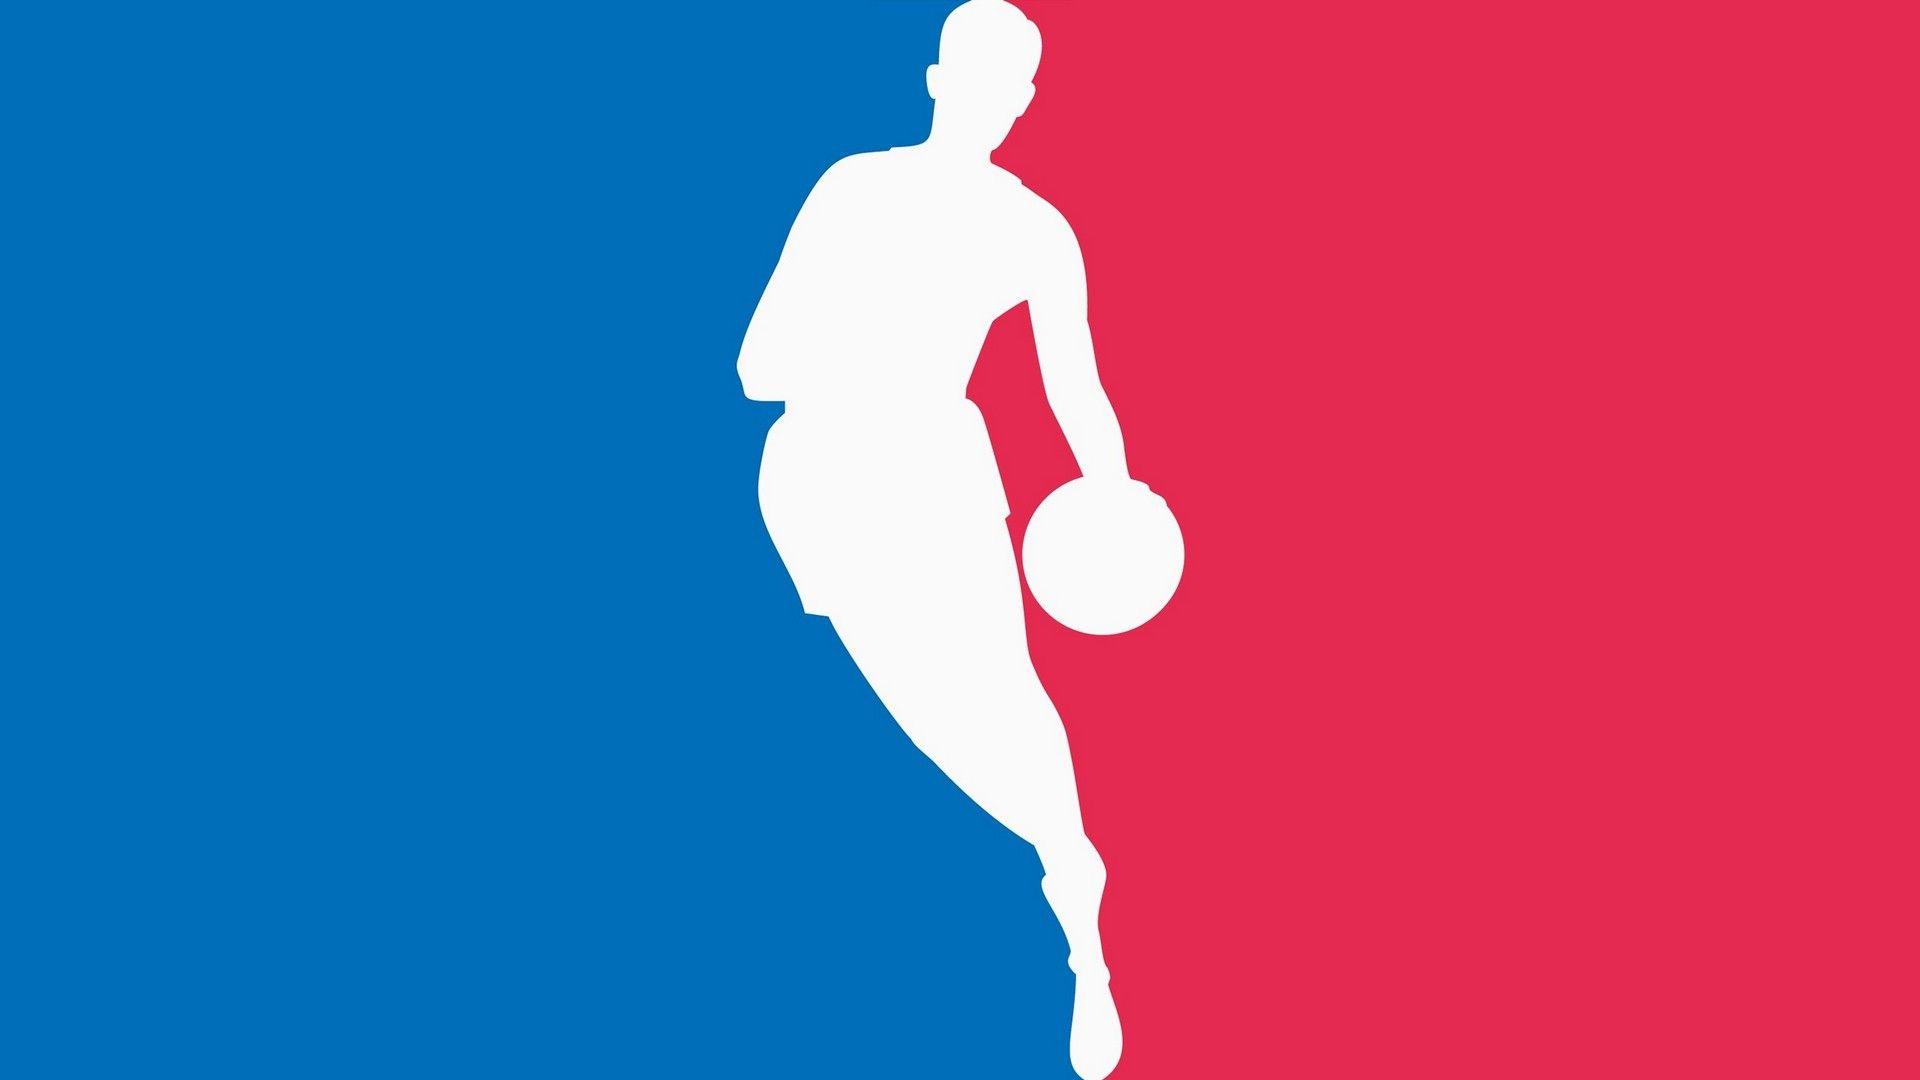 Hd Desktop Wallpaper Nba Basketball Wallpaper Nba Wallpapers Basketball Wallpapers Hd